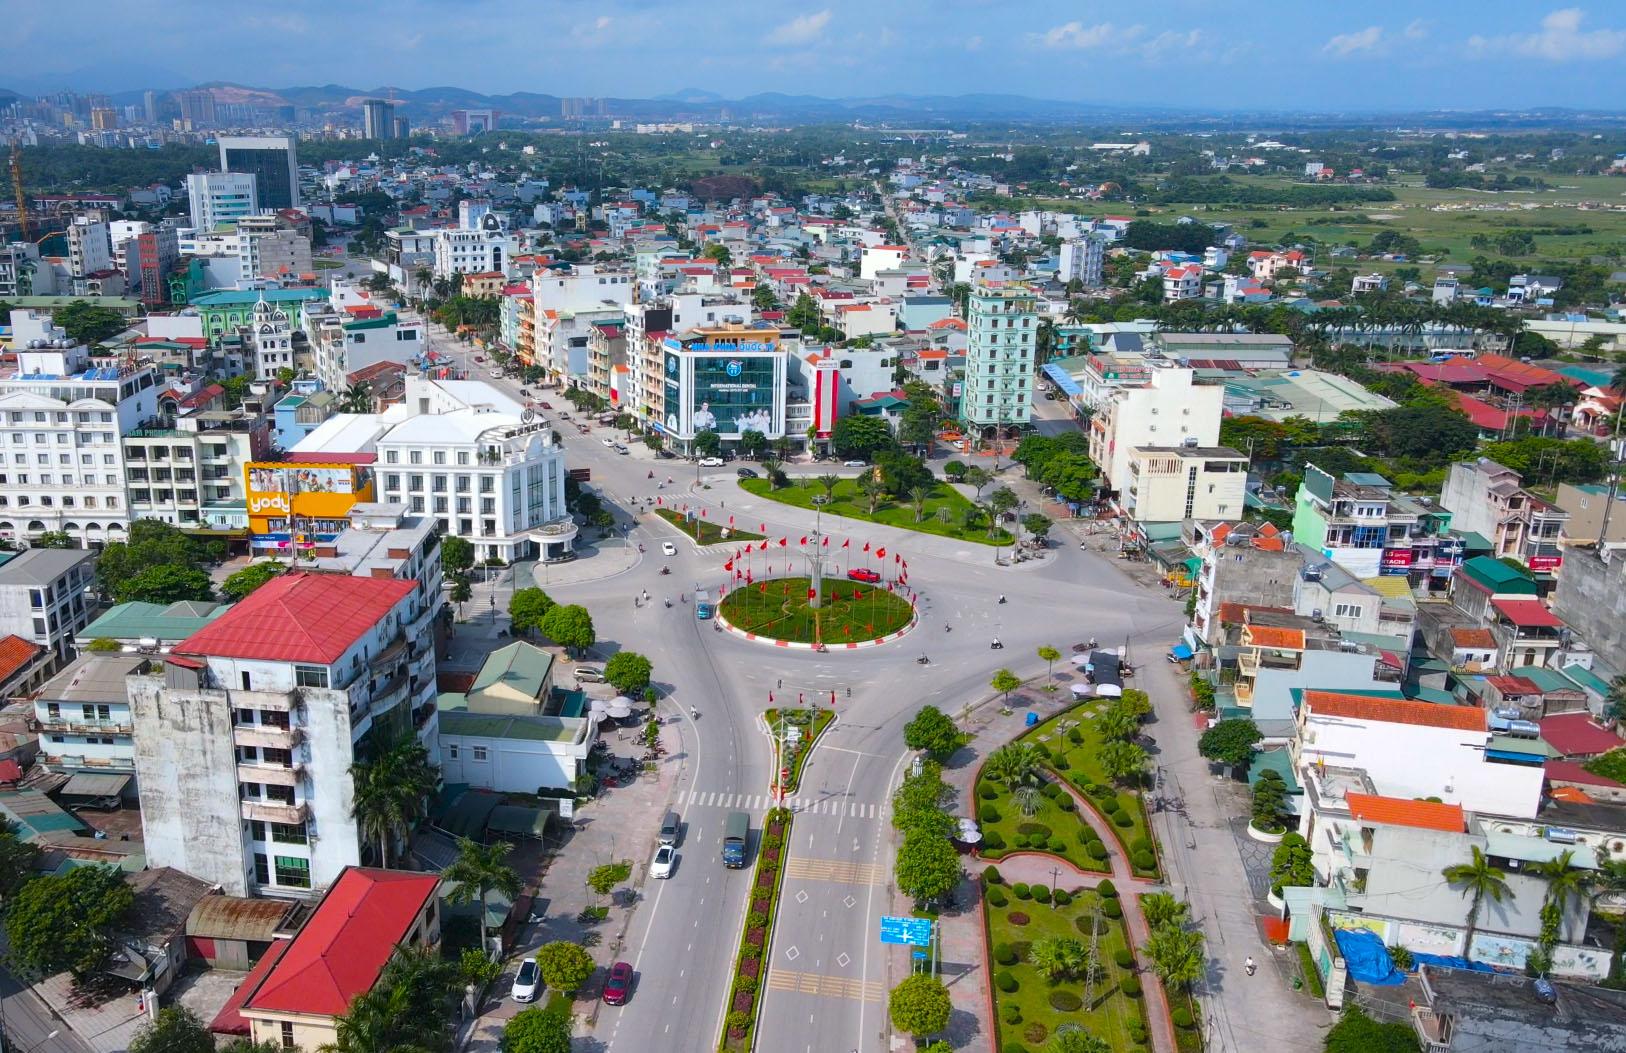 Khu đô thị nghìn tỷ của Trung Chính tại Quảng Ninh được mở bán - Ảnh 1.